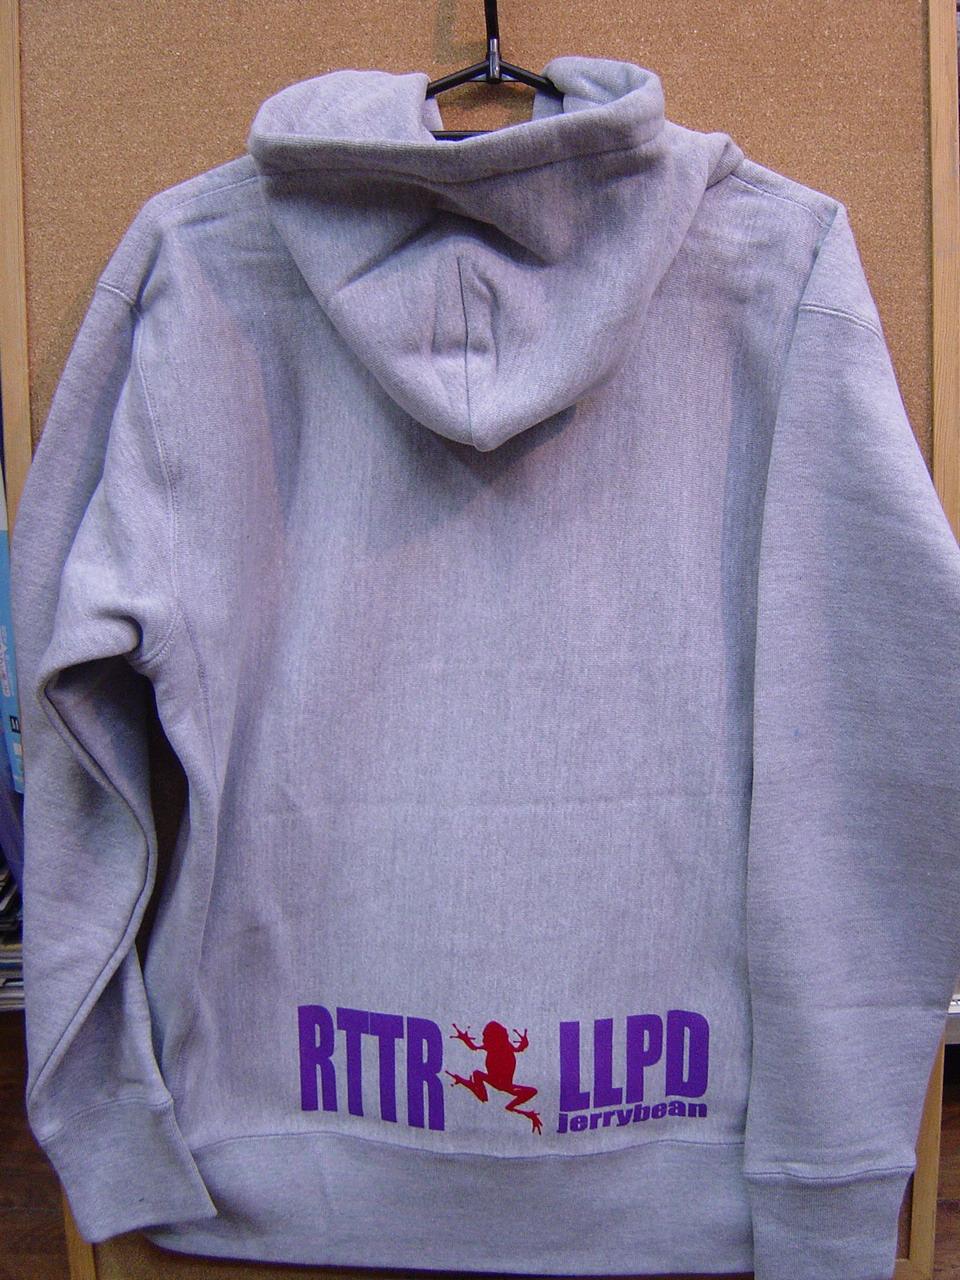 ラッティーツイスター 2010パーカー 3色入荷_a0153216_235767.jpg